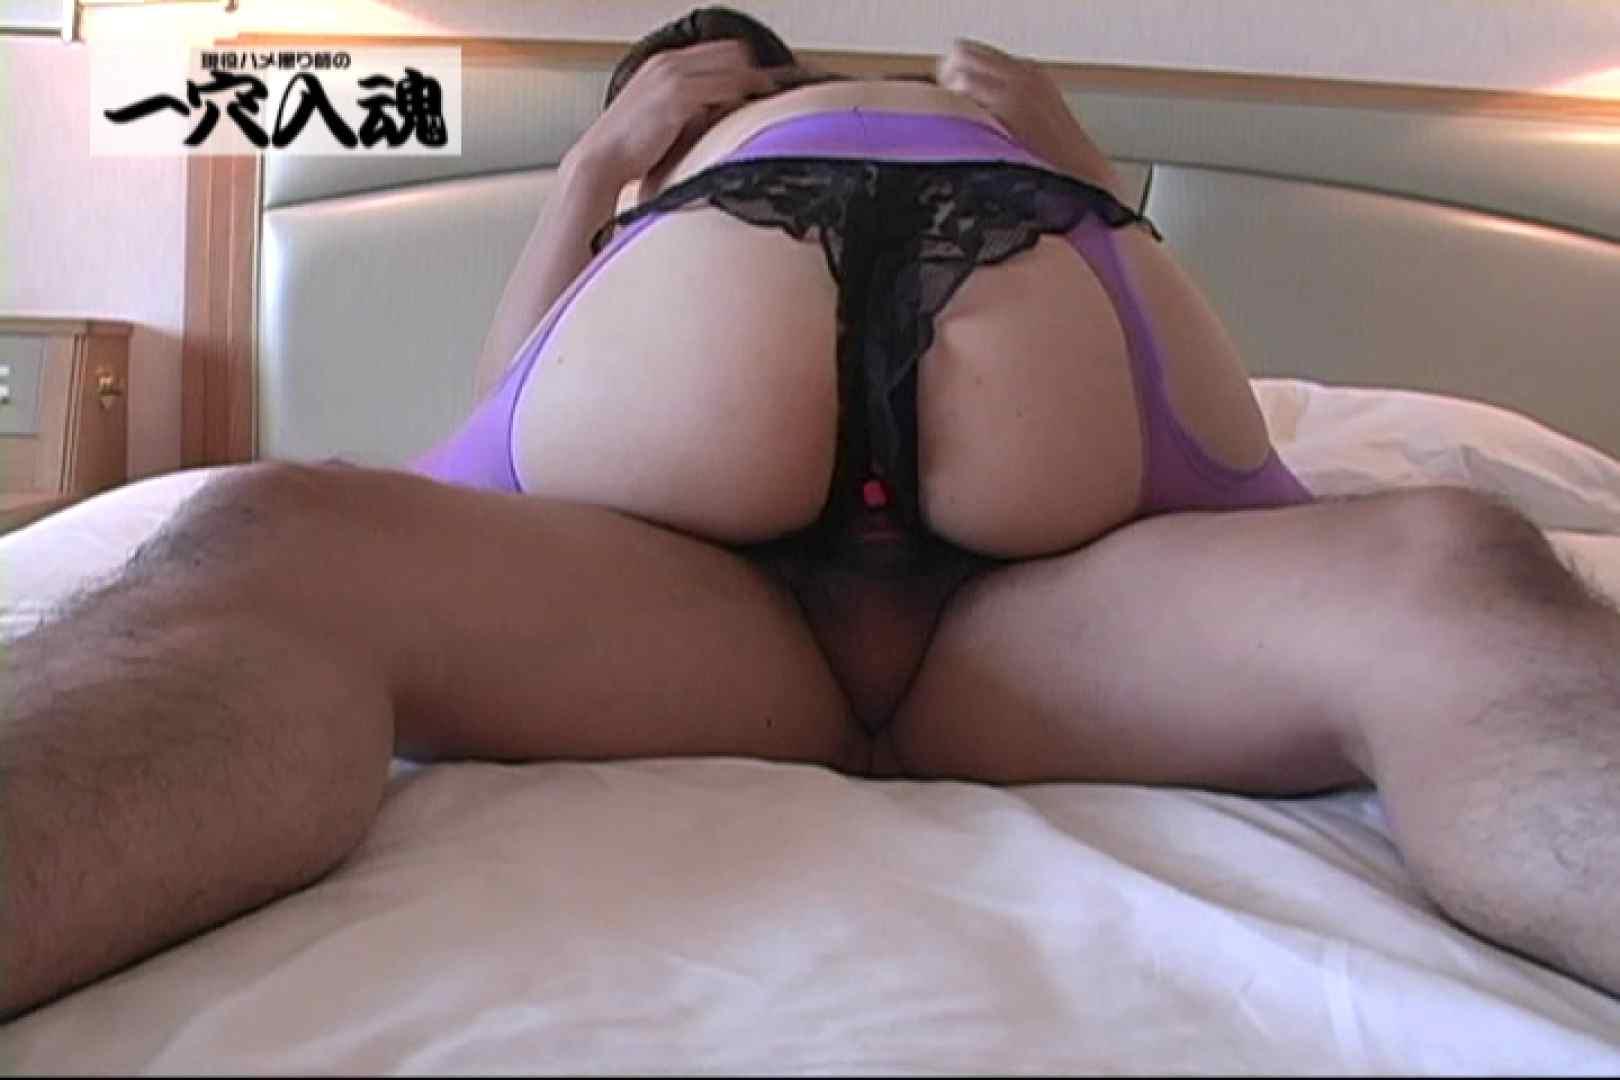 一穴入魂 みなみにネットで募集した複数の男性が入魂vol.4 美しいOLの裸体 | 0  87pic 75